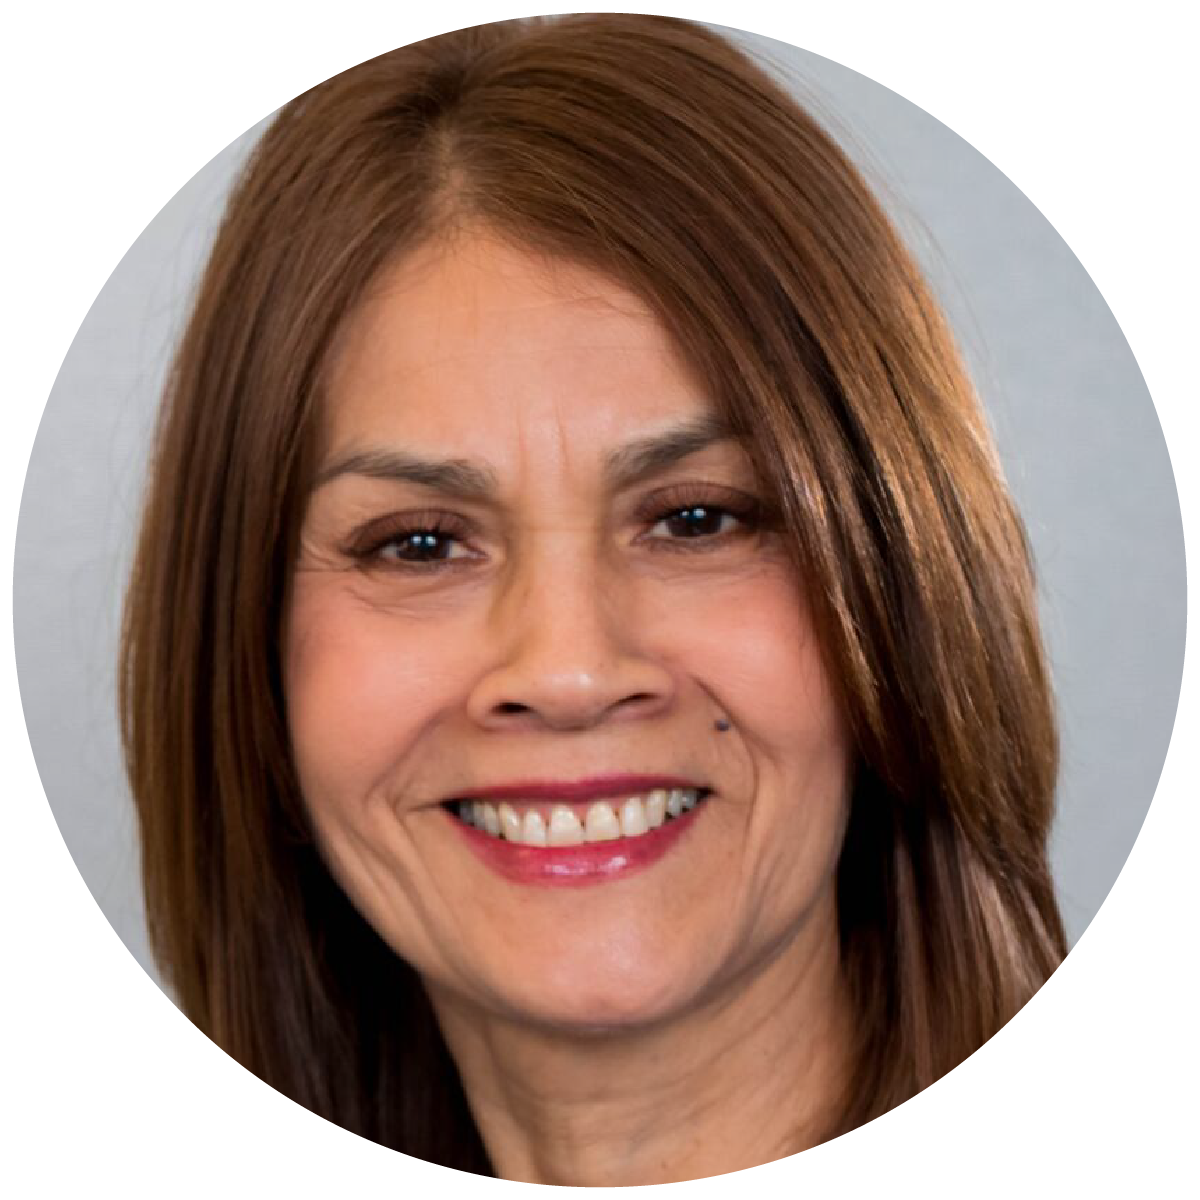 Silvia R. Aldana  PG&E Corporation